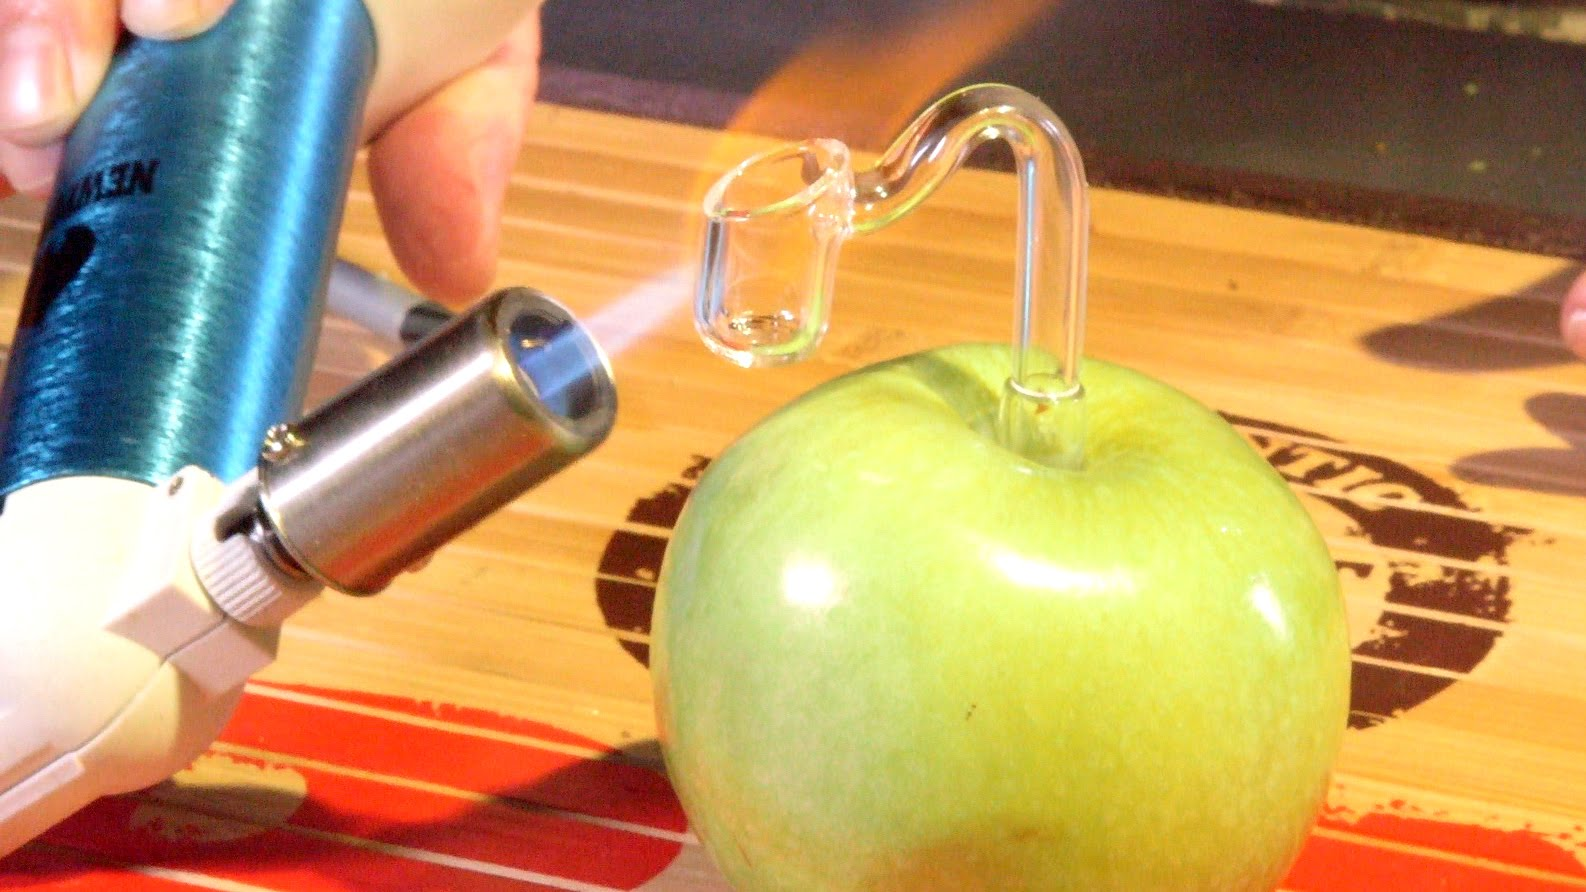 Weed Hacks #9: Apple Pipe Banger/ Drop-Down Arm Reclaim Wax/ Dab Tool Hacks